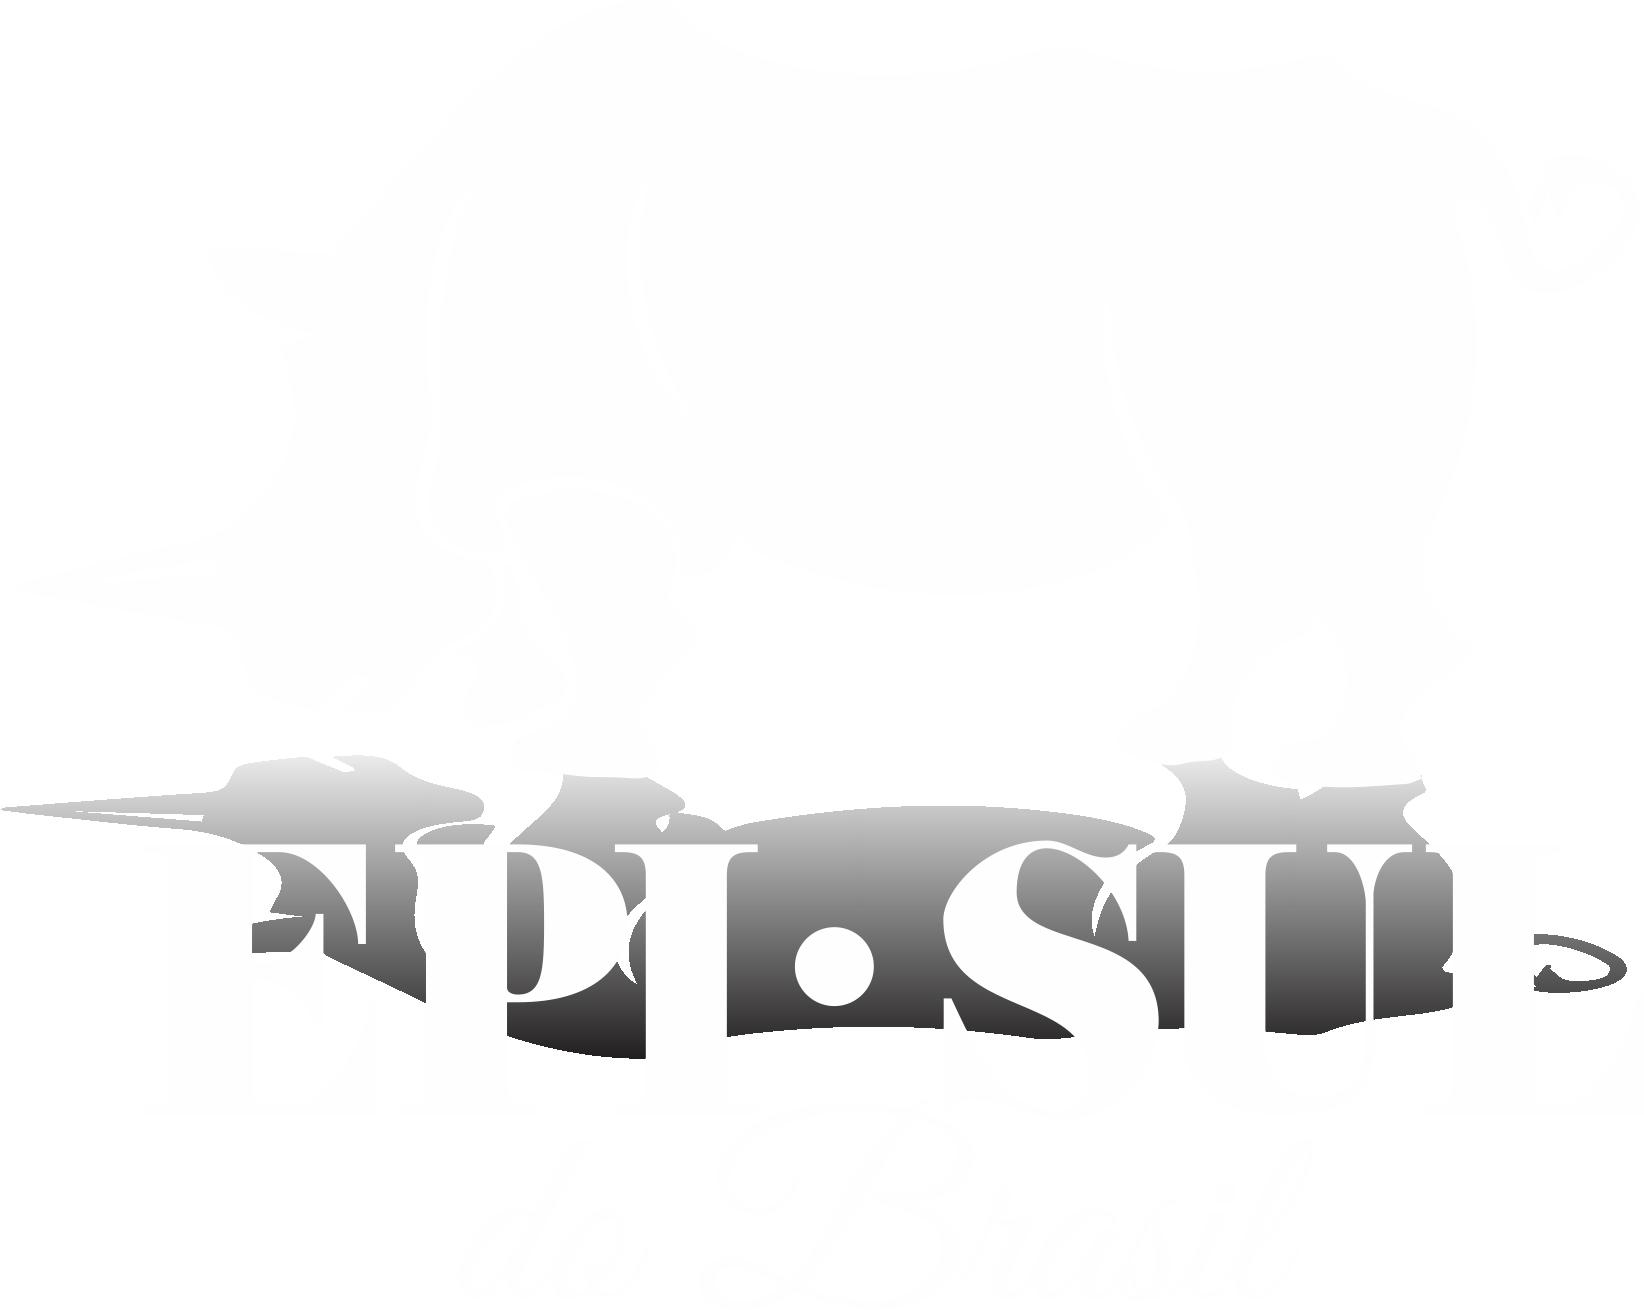 EPI Sul do Brasil